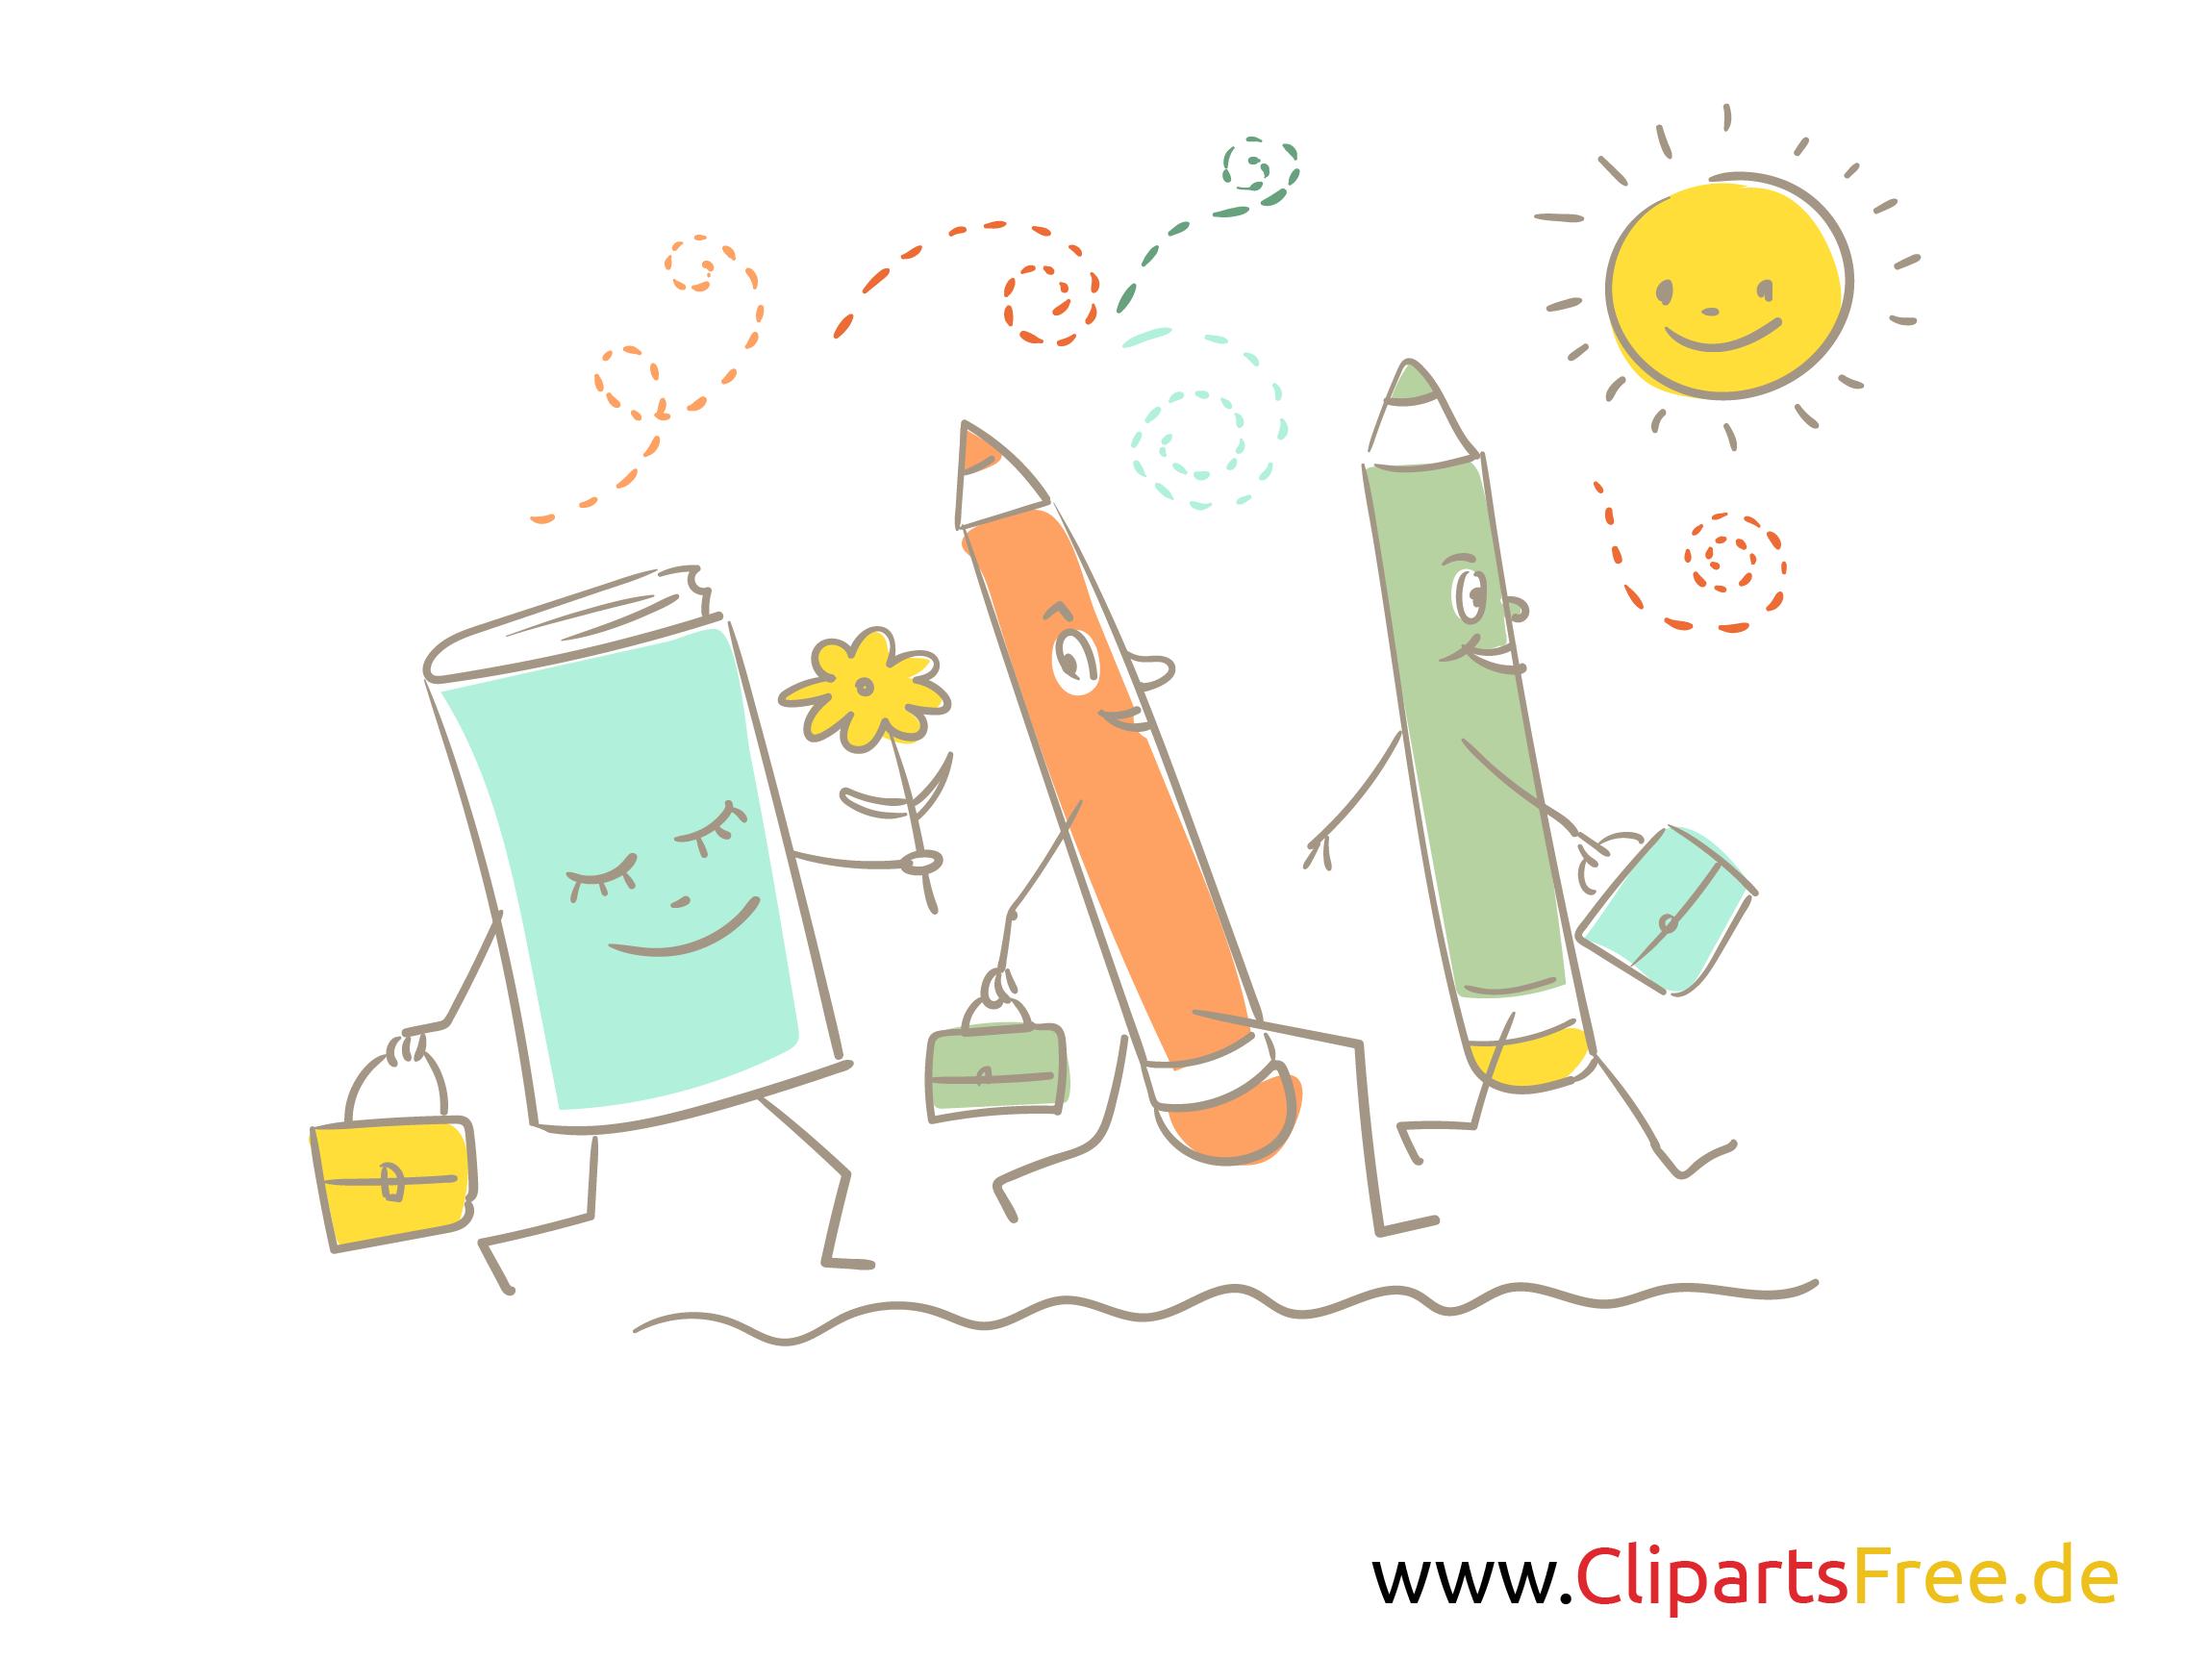 Buch und Stifte - witzige Illustrationen für Schule und KiGa